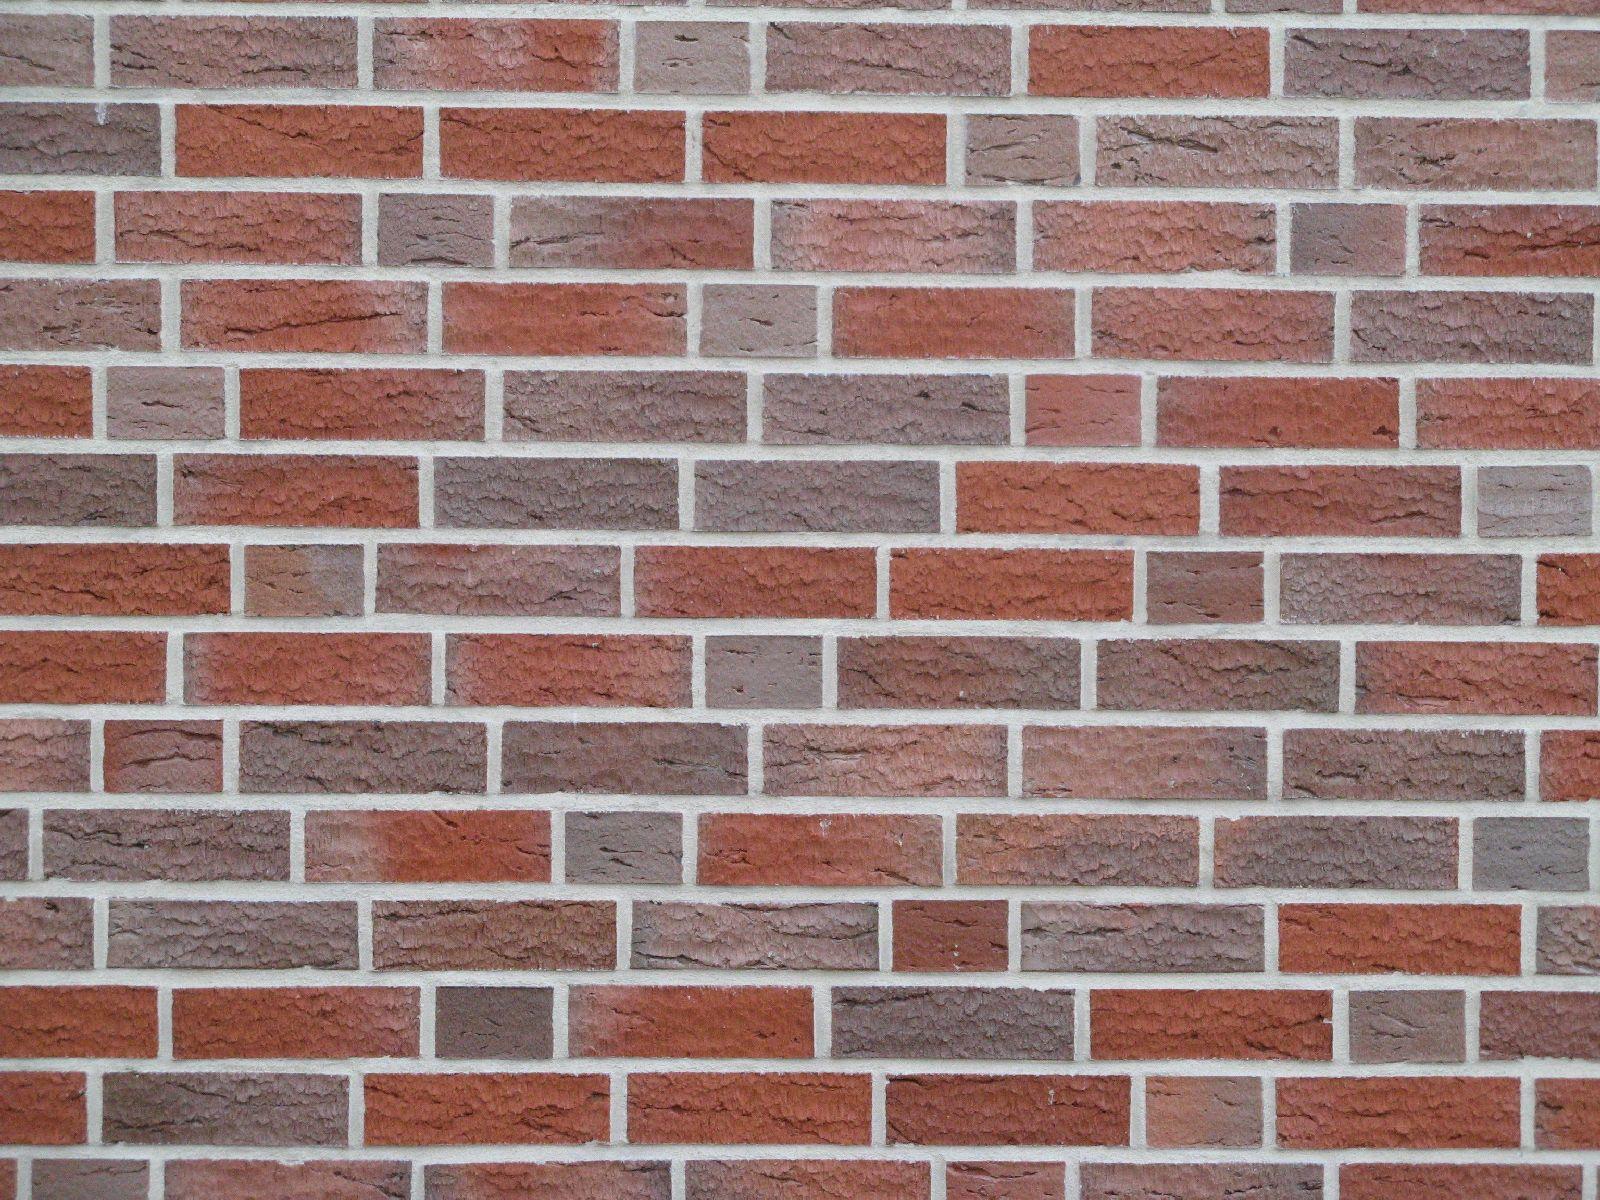 Wand-Mauerwerk-Backstein_Textur_B_0319